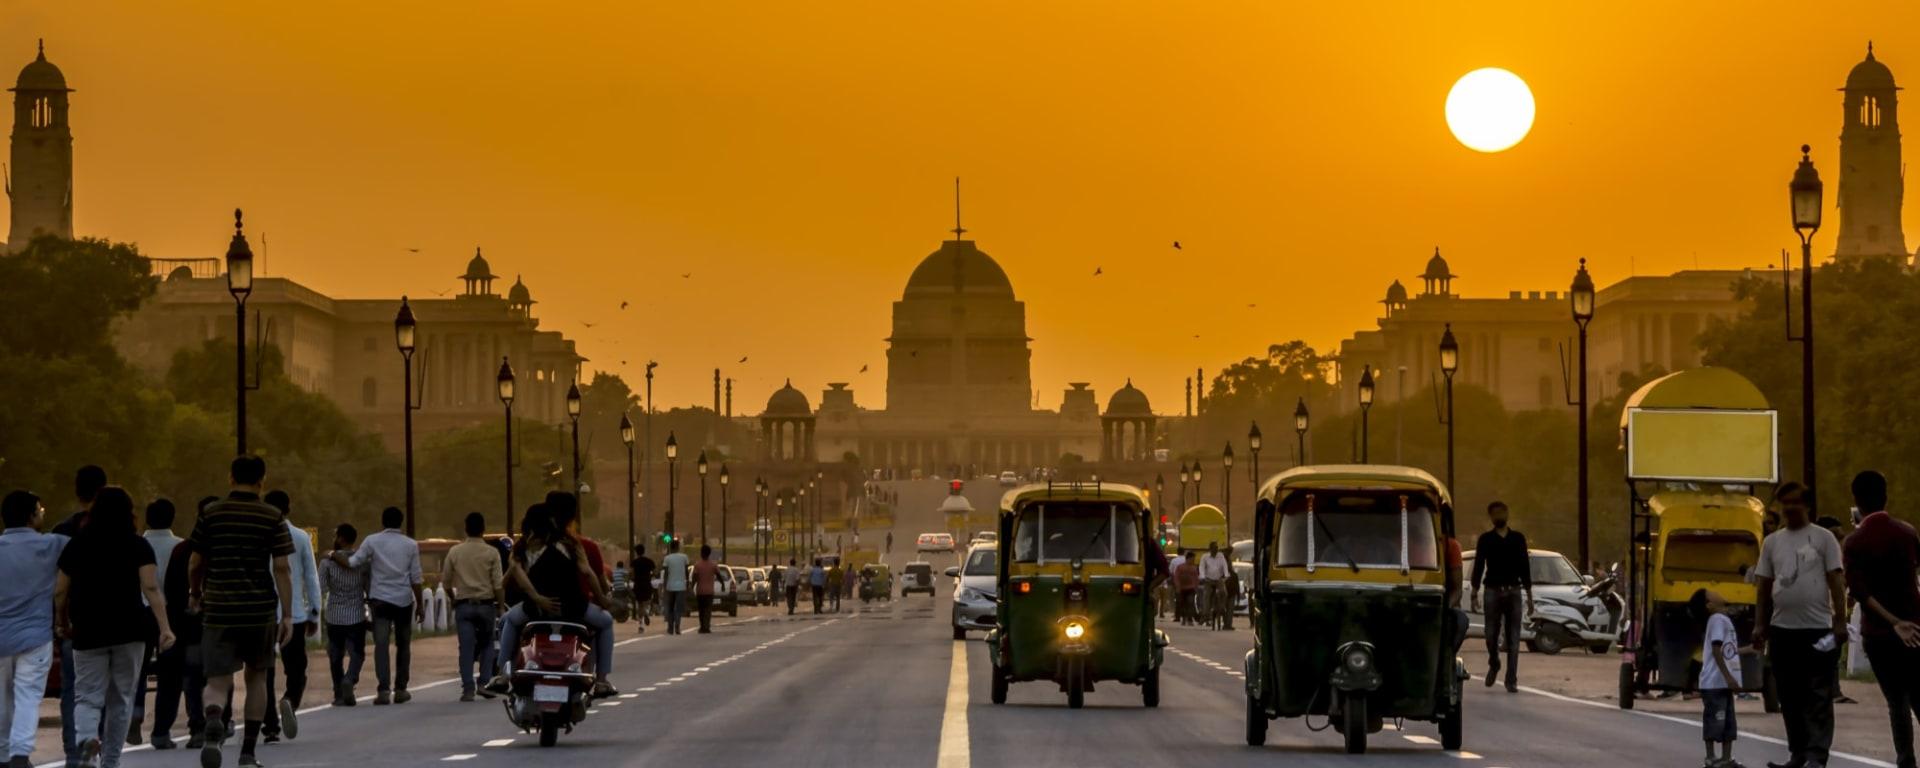 Indien entdecken mit Tischler Reisen: Indien Delhi Presidential District